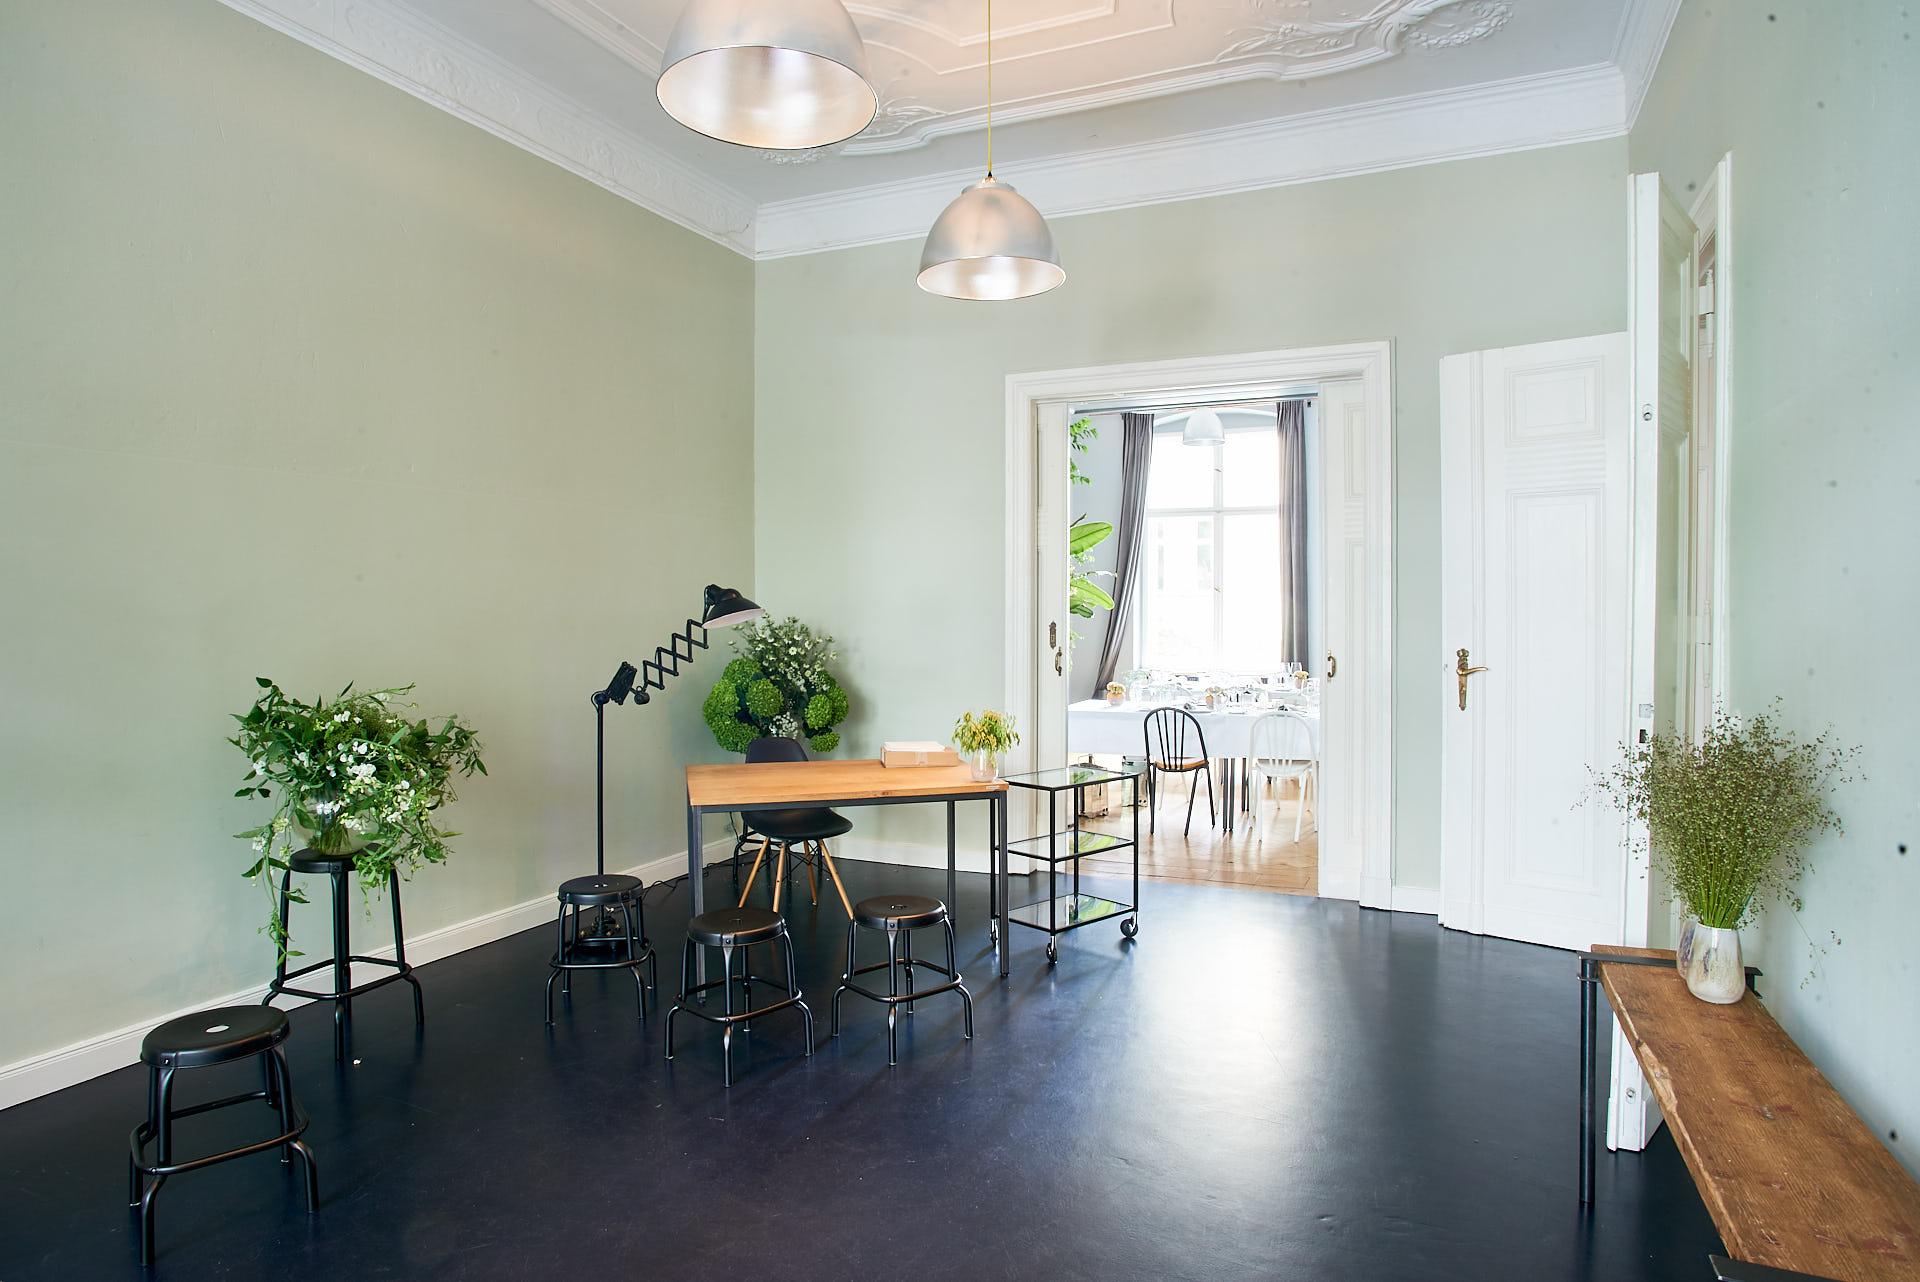 Foto eines Zimmers mit Artischocken-Motiv auf dem Boden, Schreibtisch und Stuhl